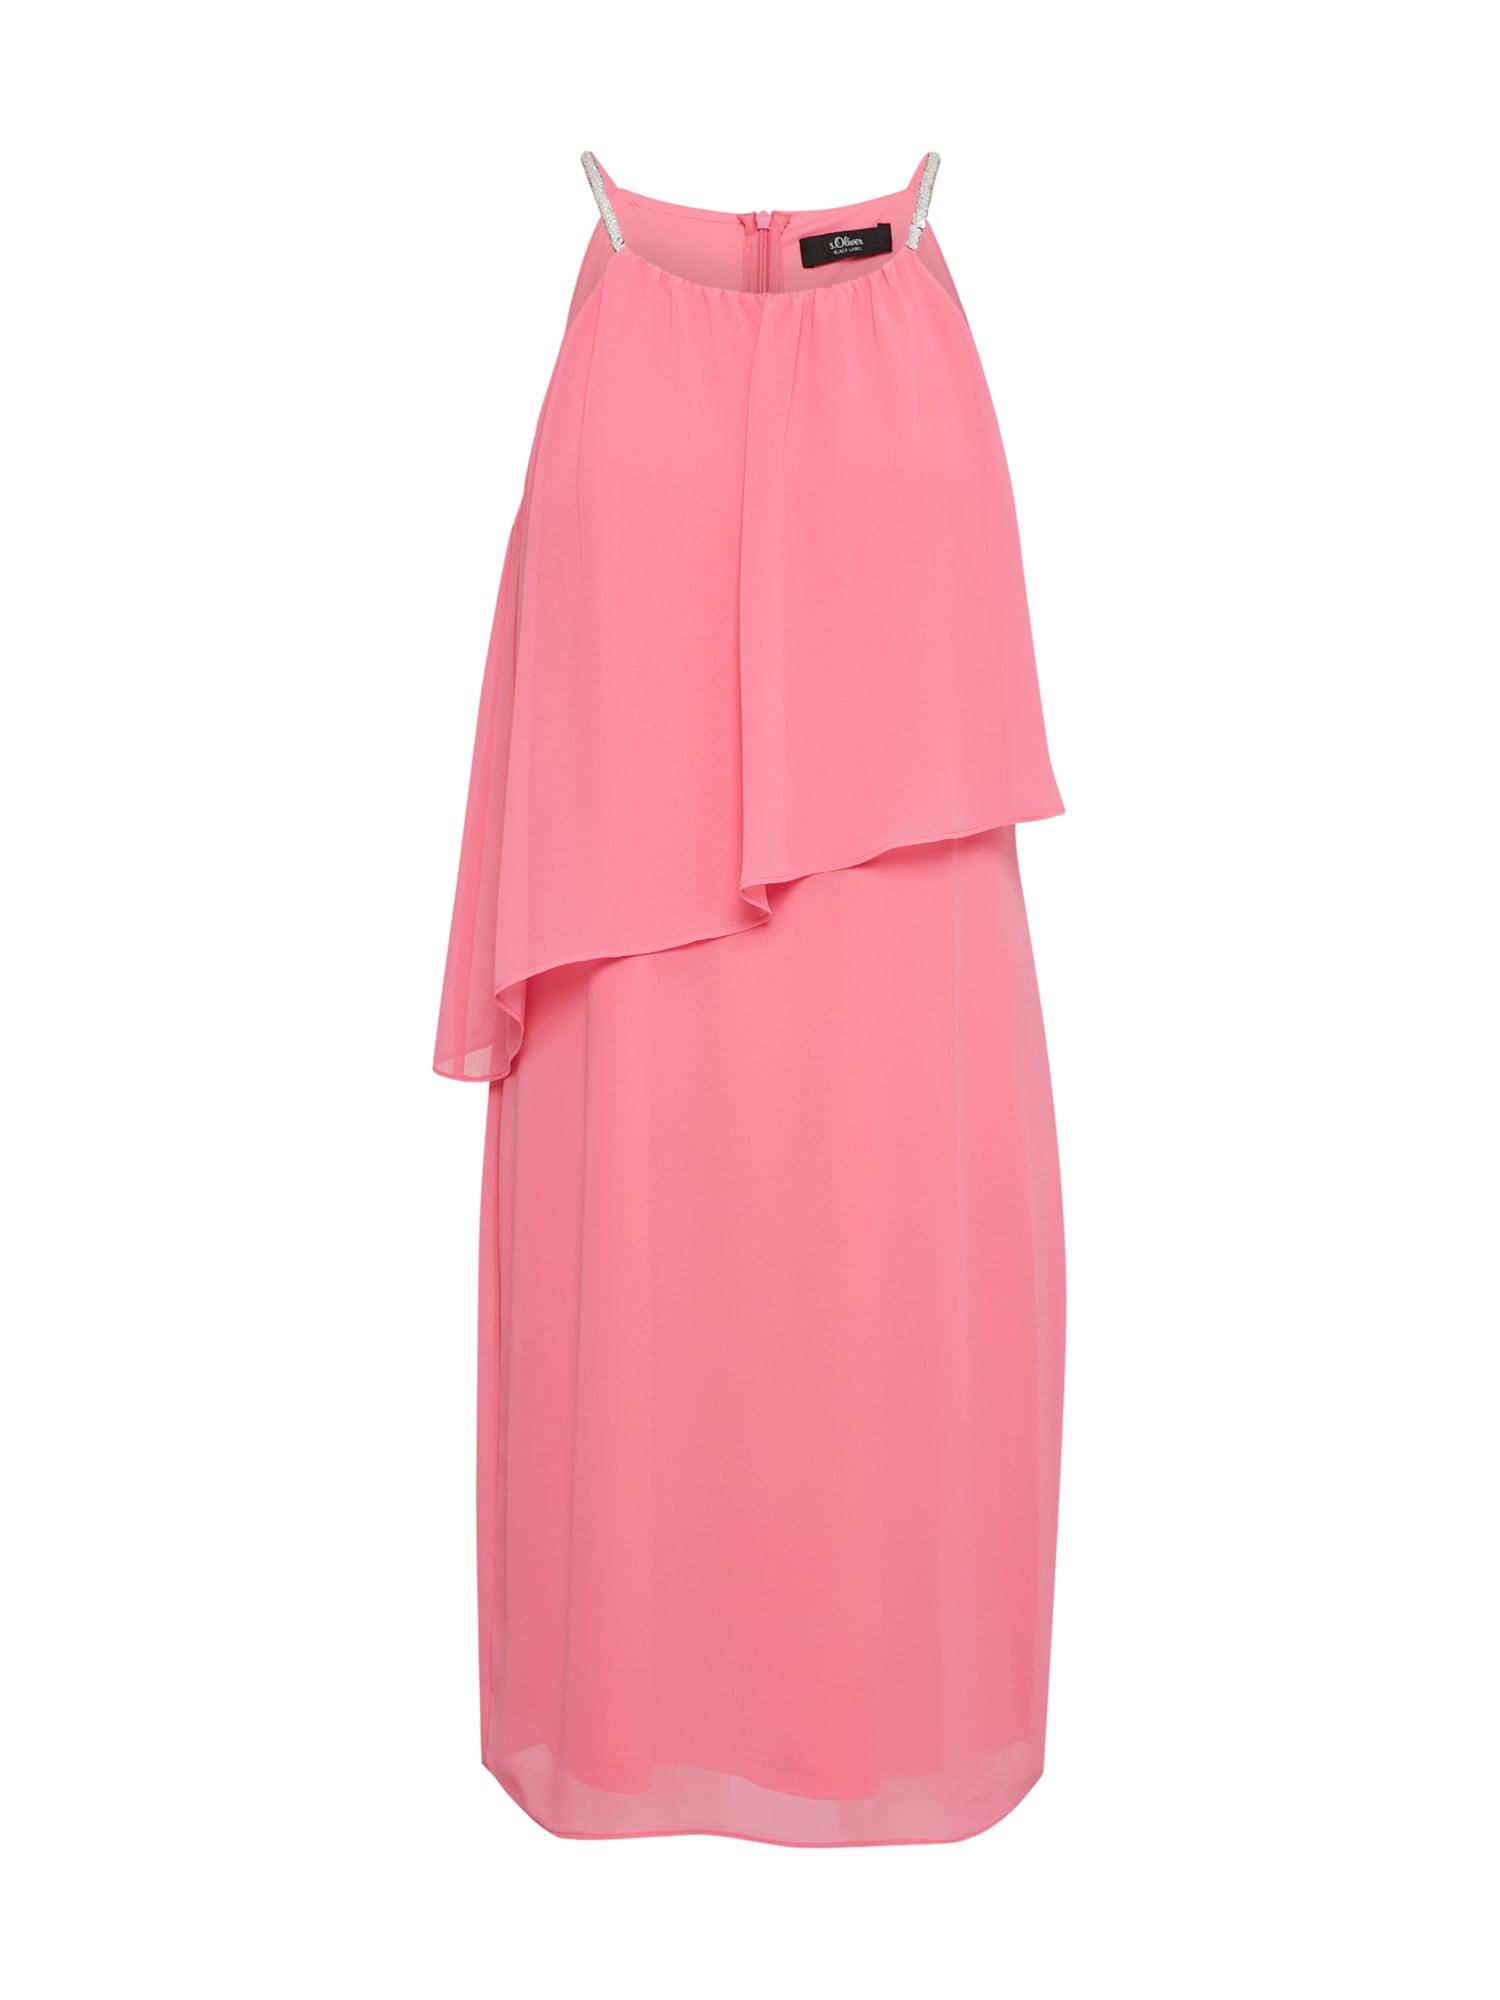 Šaty KURZ pink S.Oliver BLACK LABEL